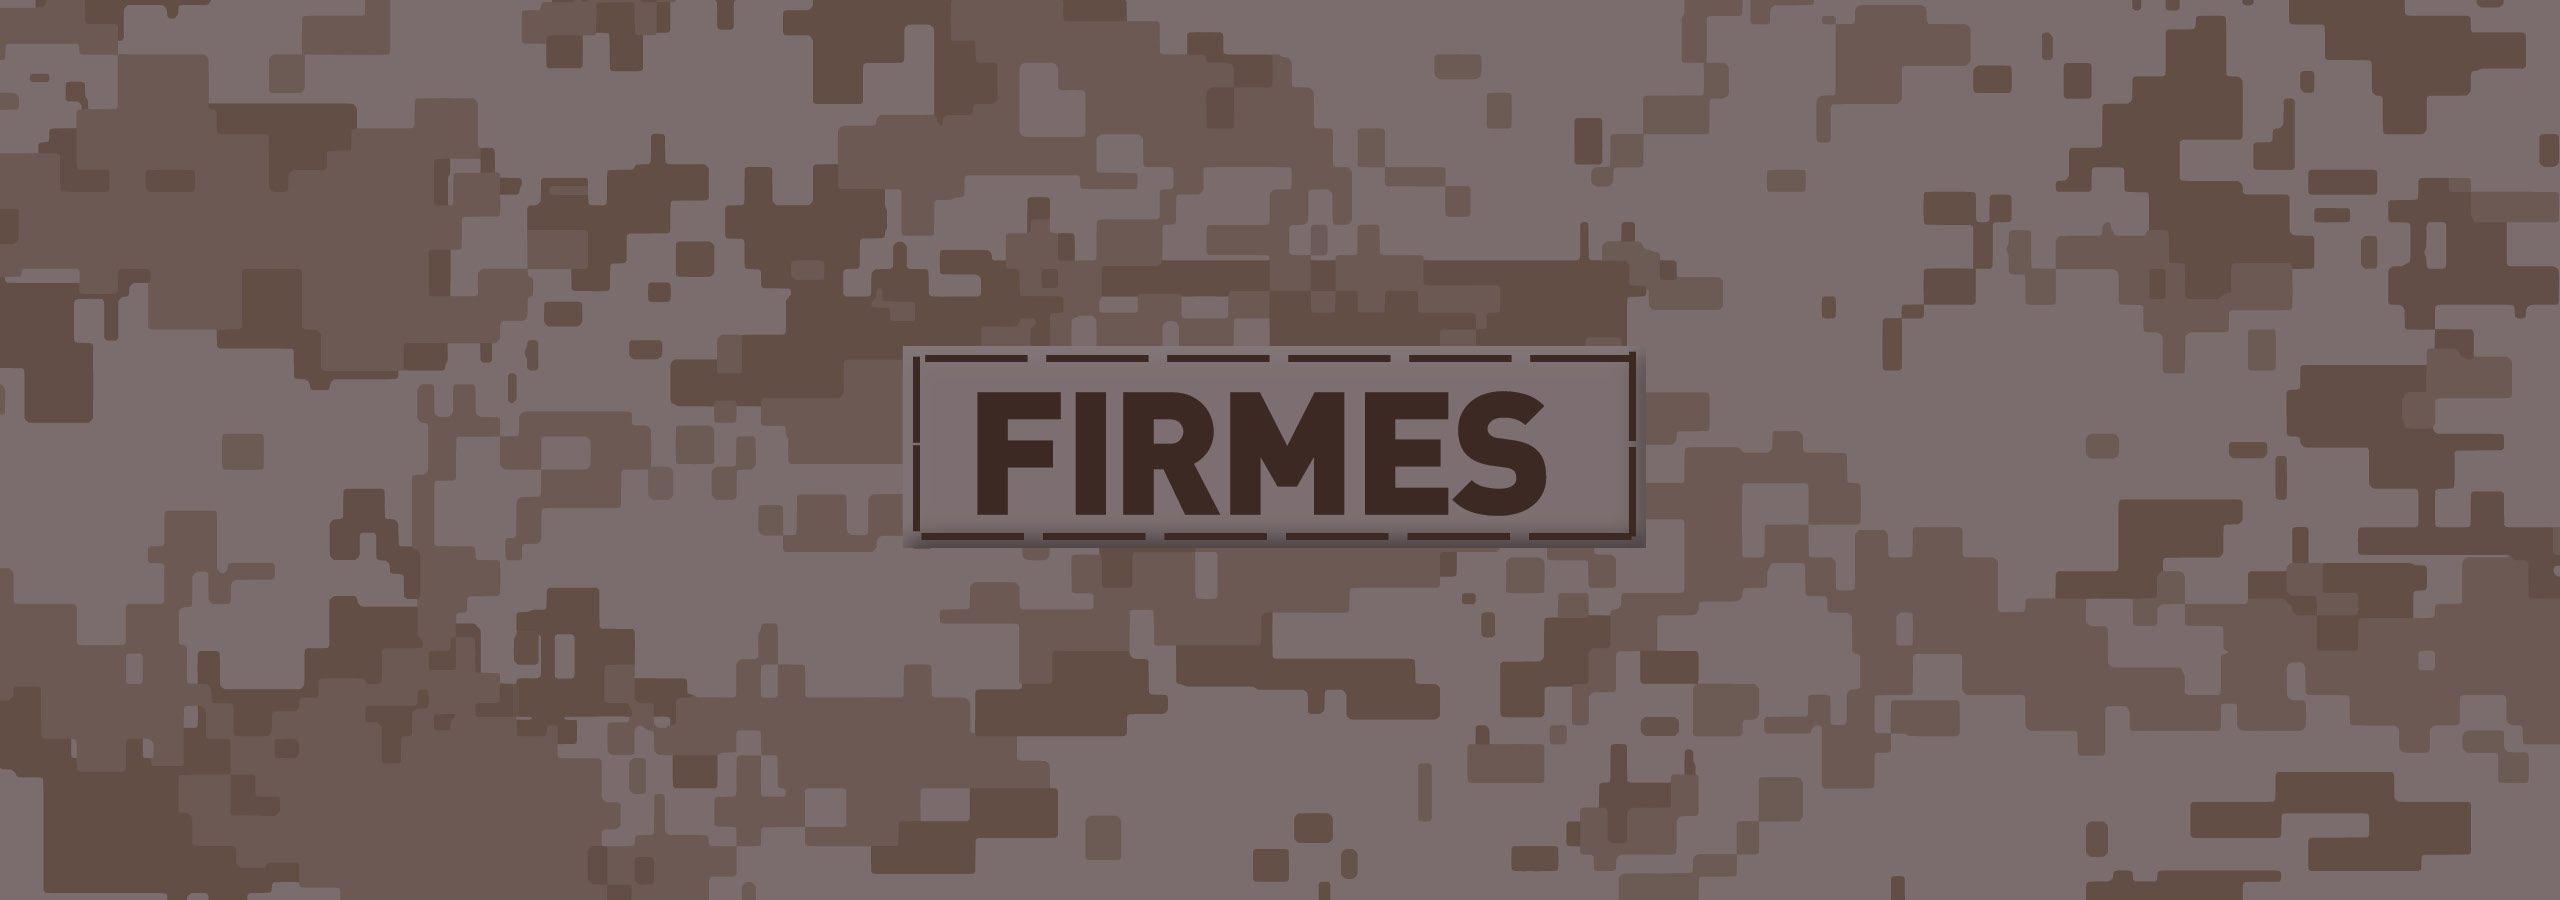 firmes web bg2.jpg